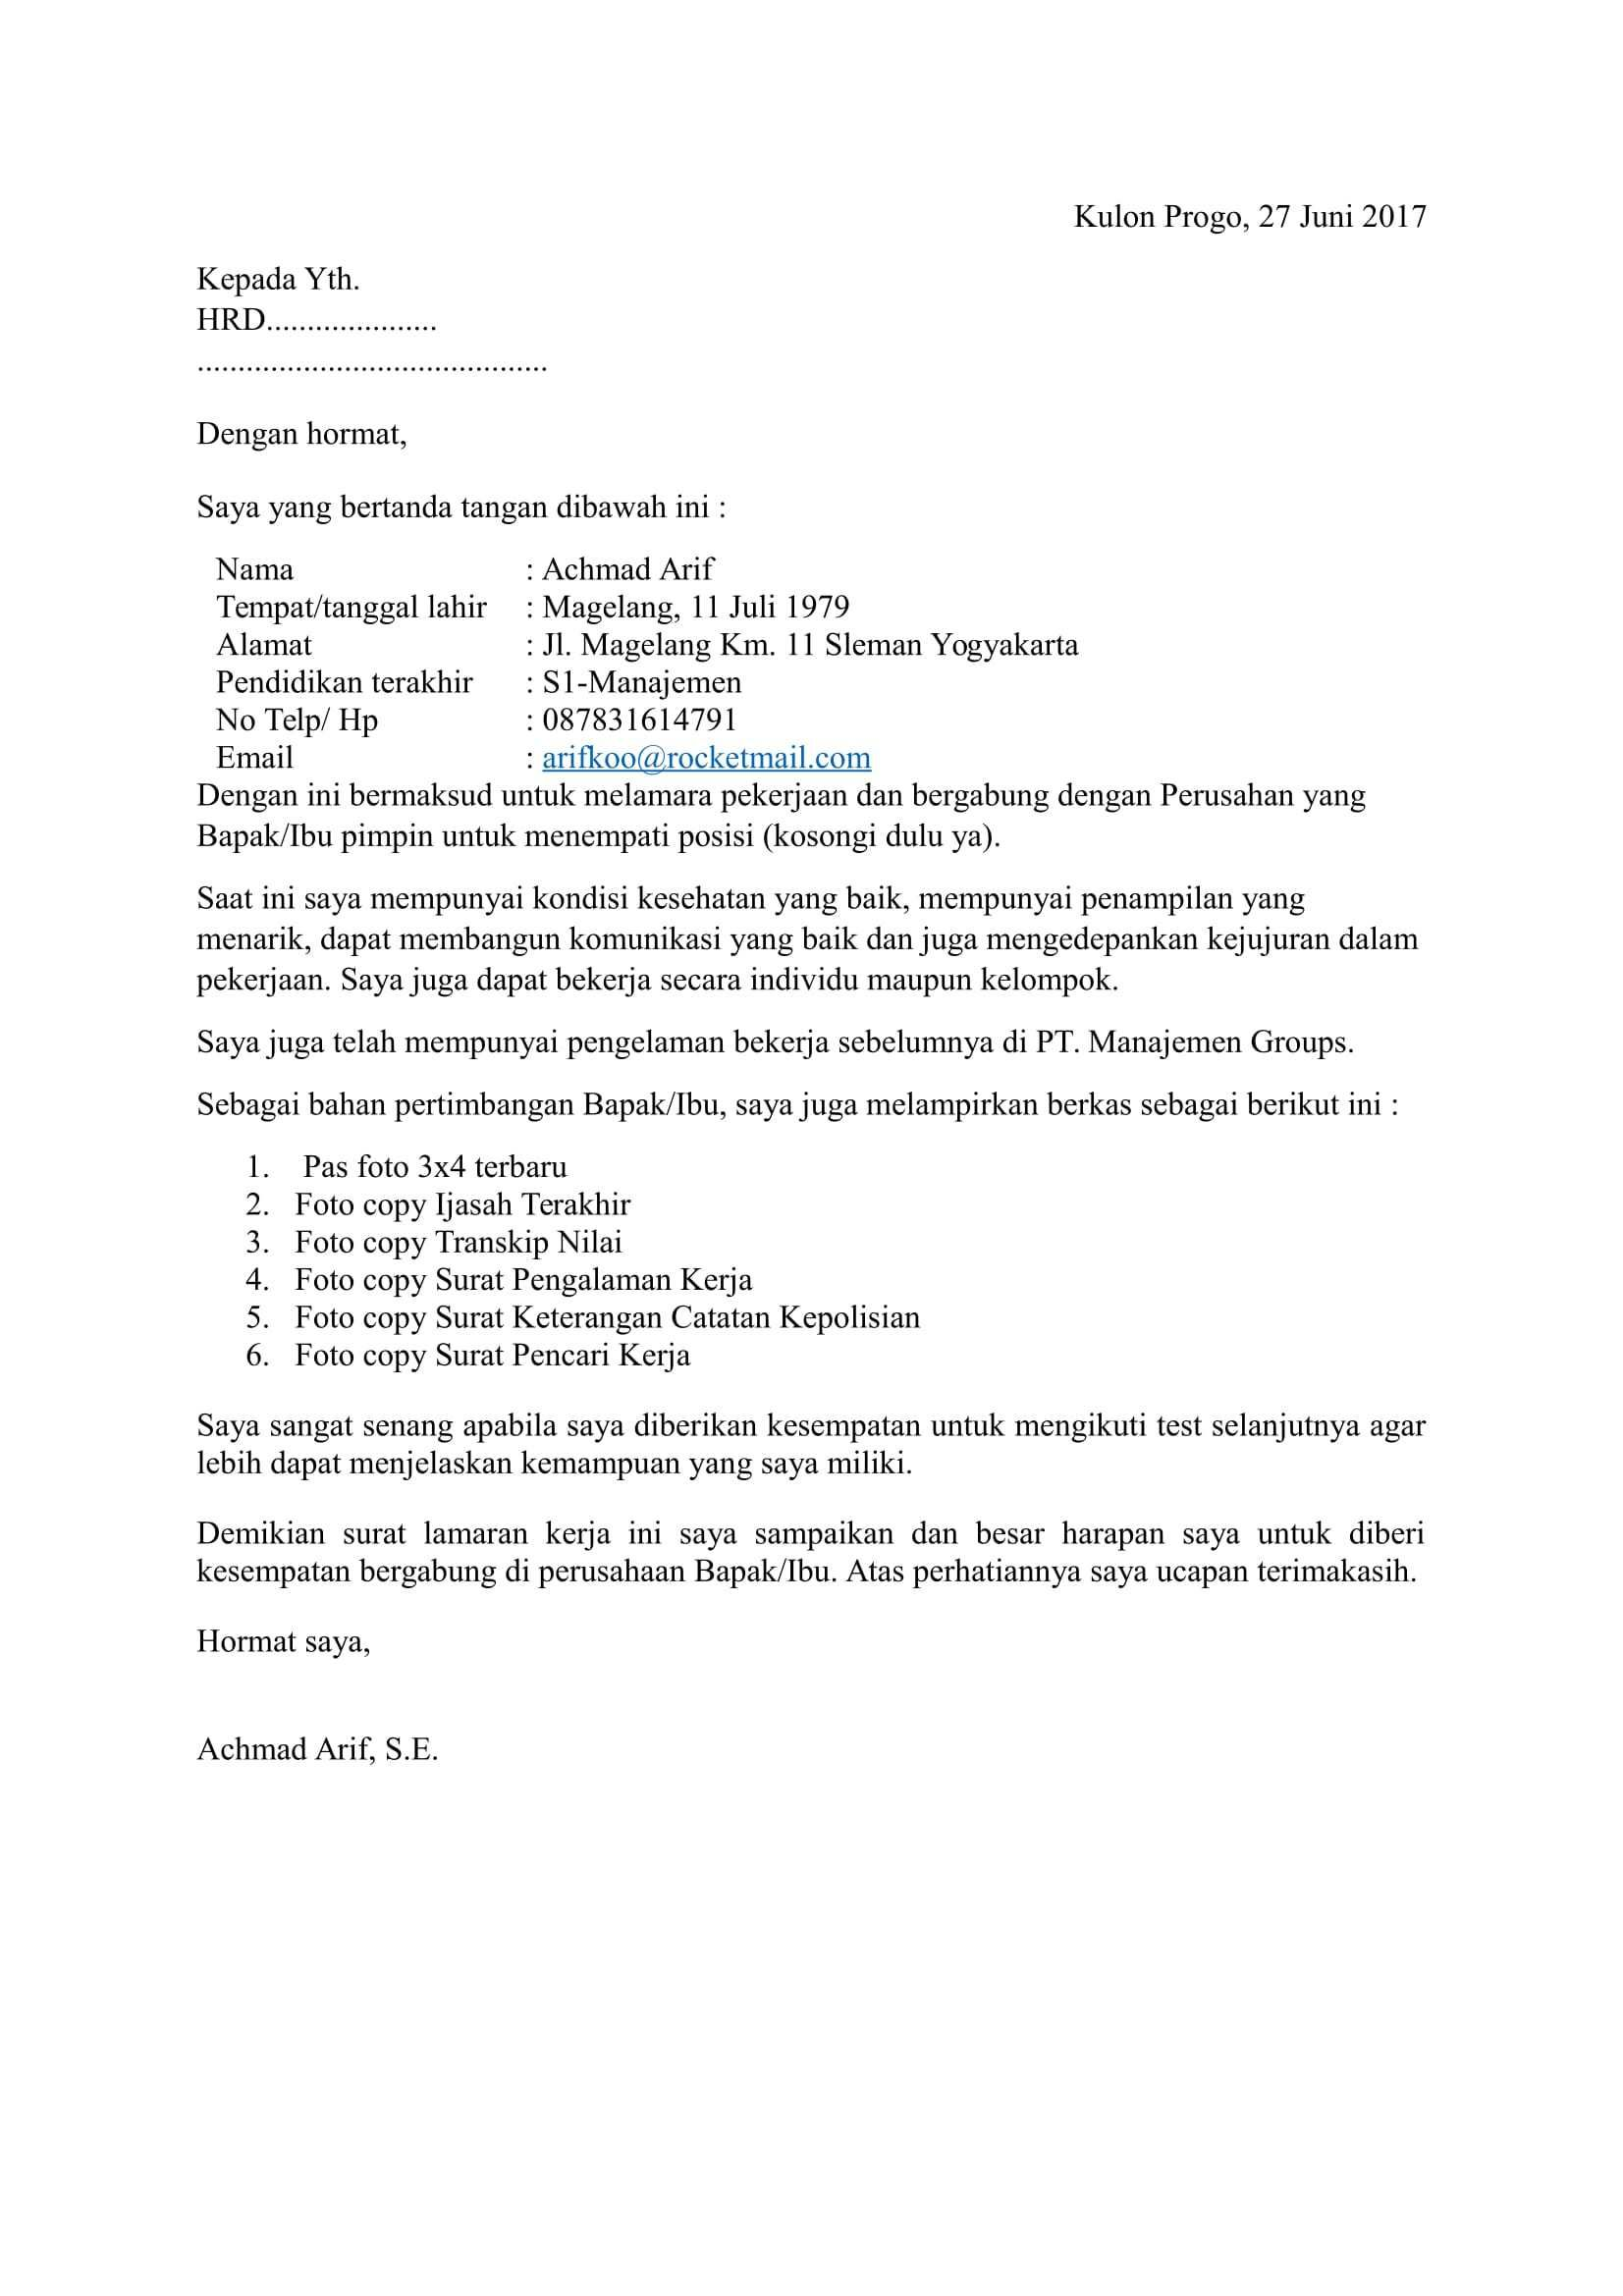 Contoh Surat Lamaran Kerja Job Fair Cv Kreatif Pendidikan Surat